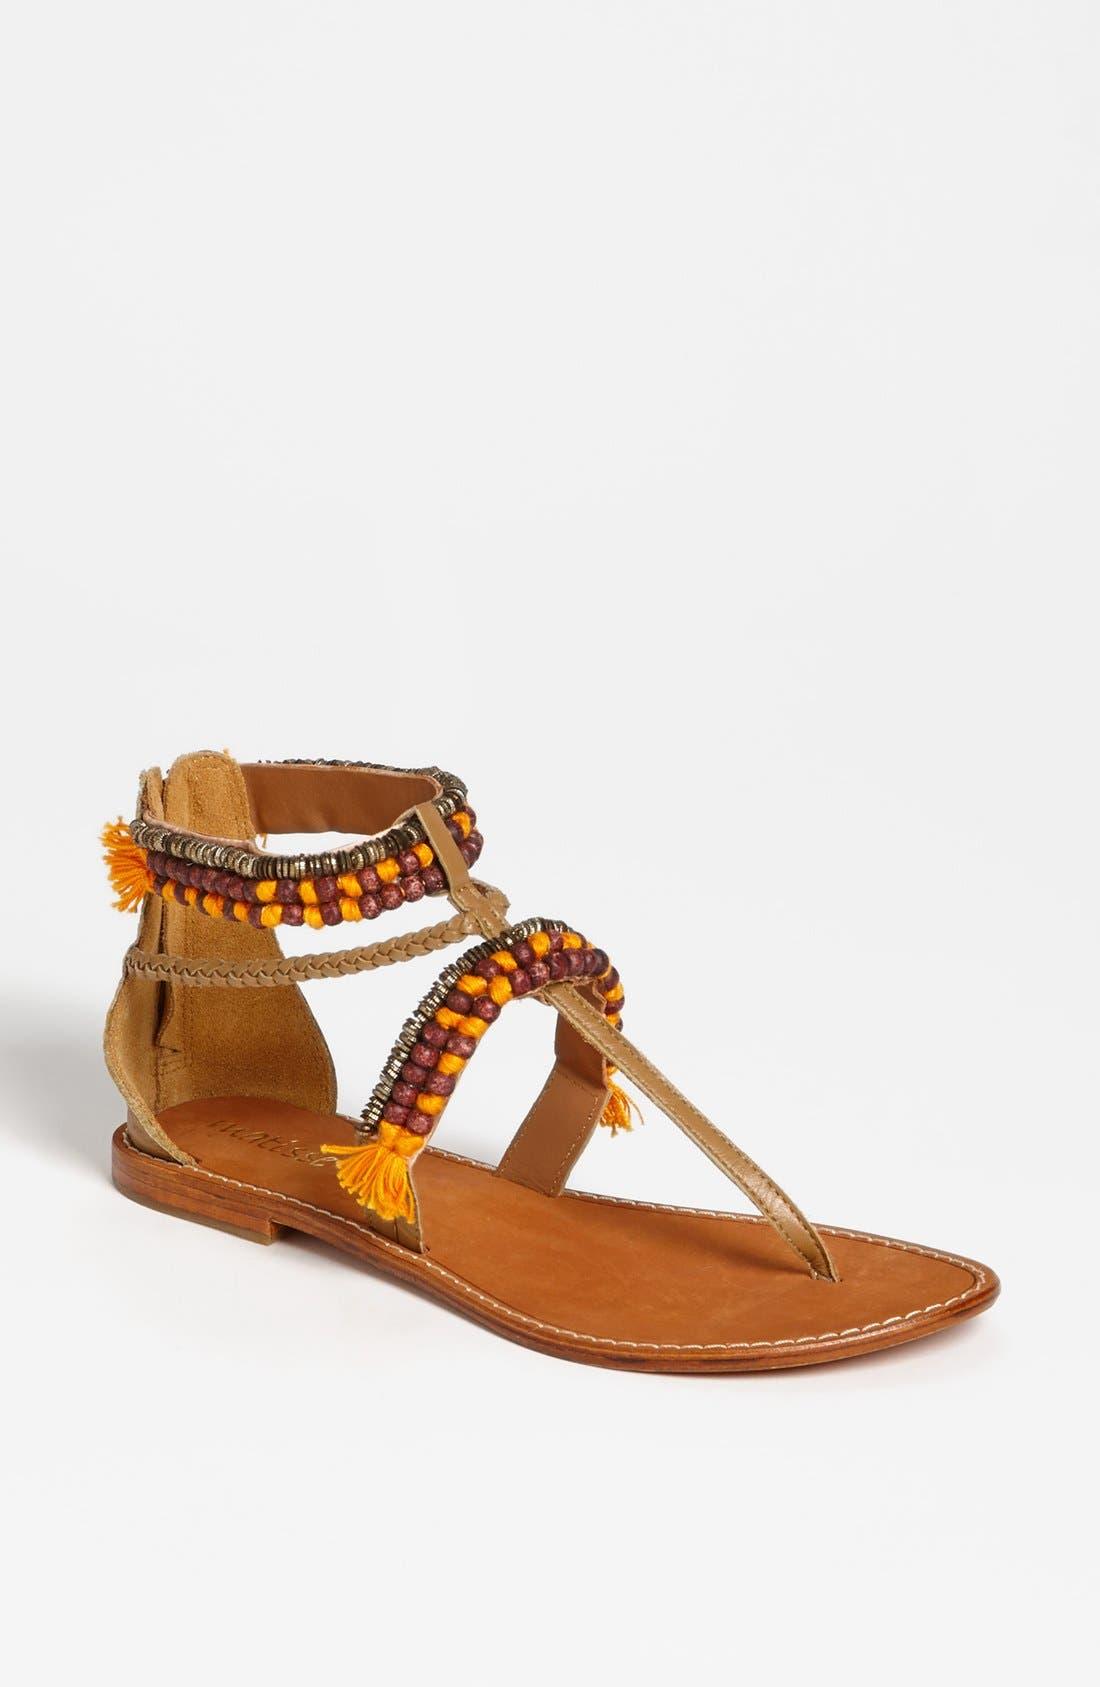 Alternate Image 1 Selected - Matisse 'Mombasa' Sandal